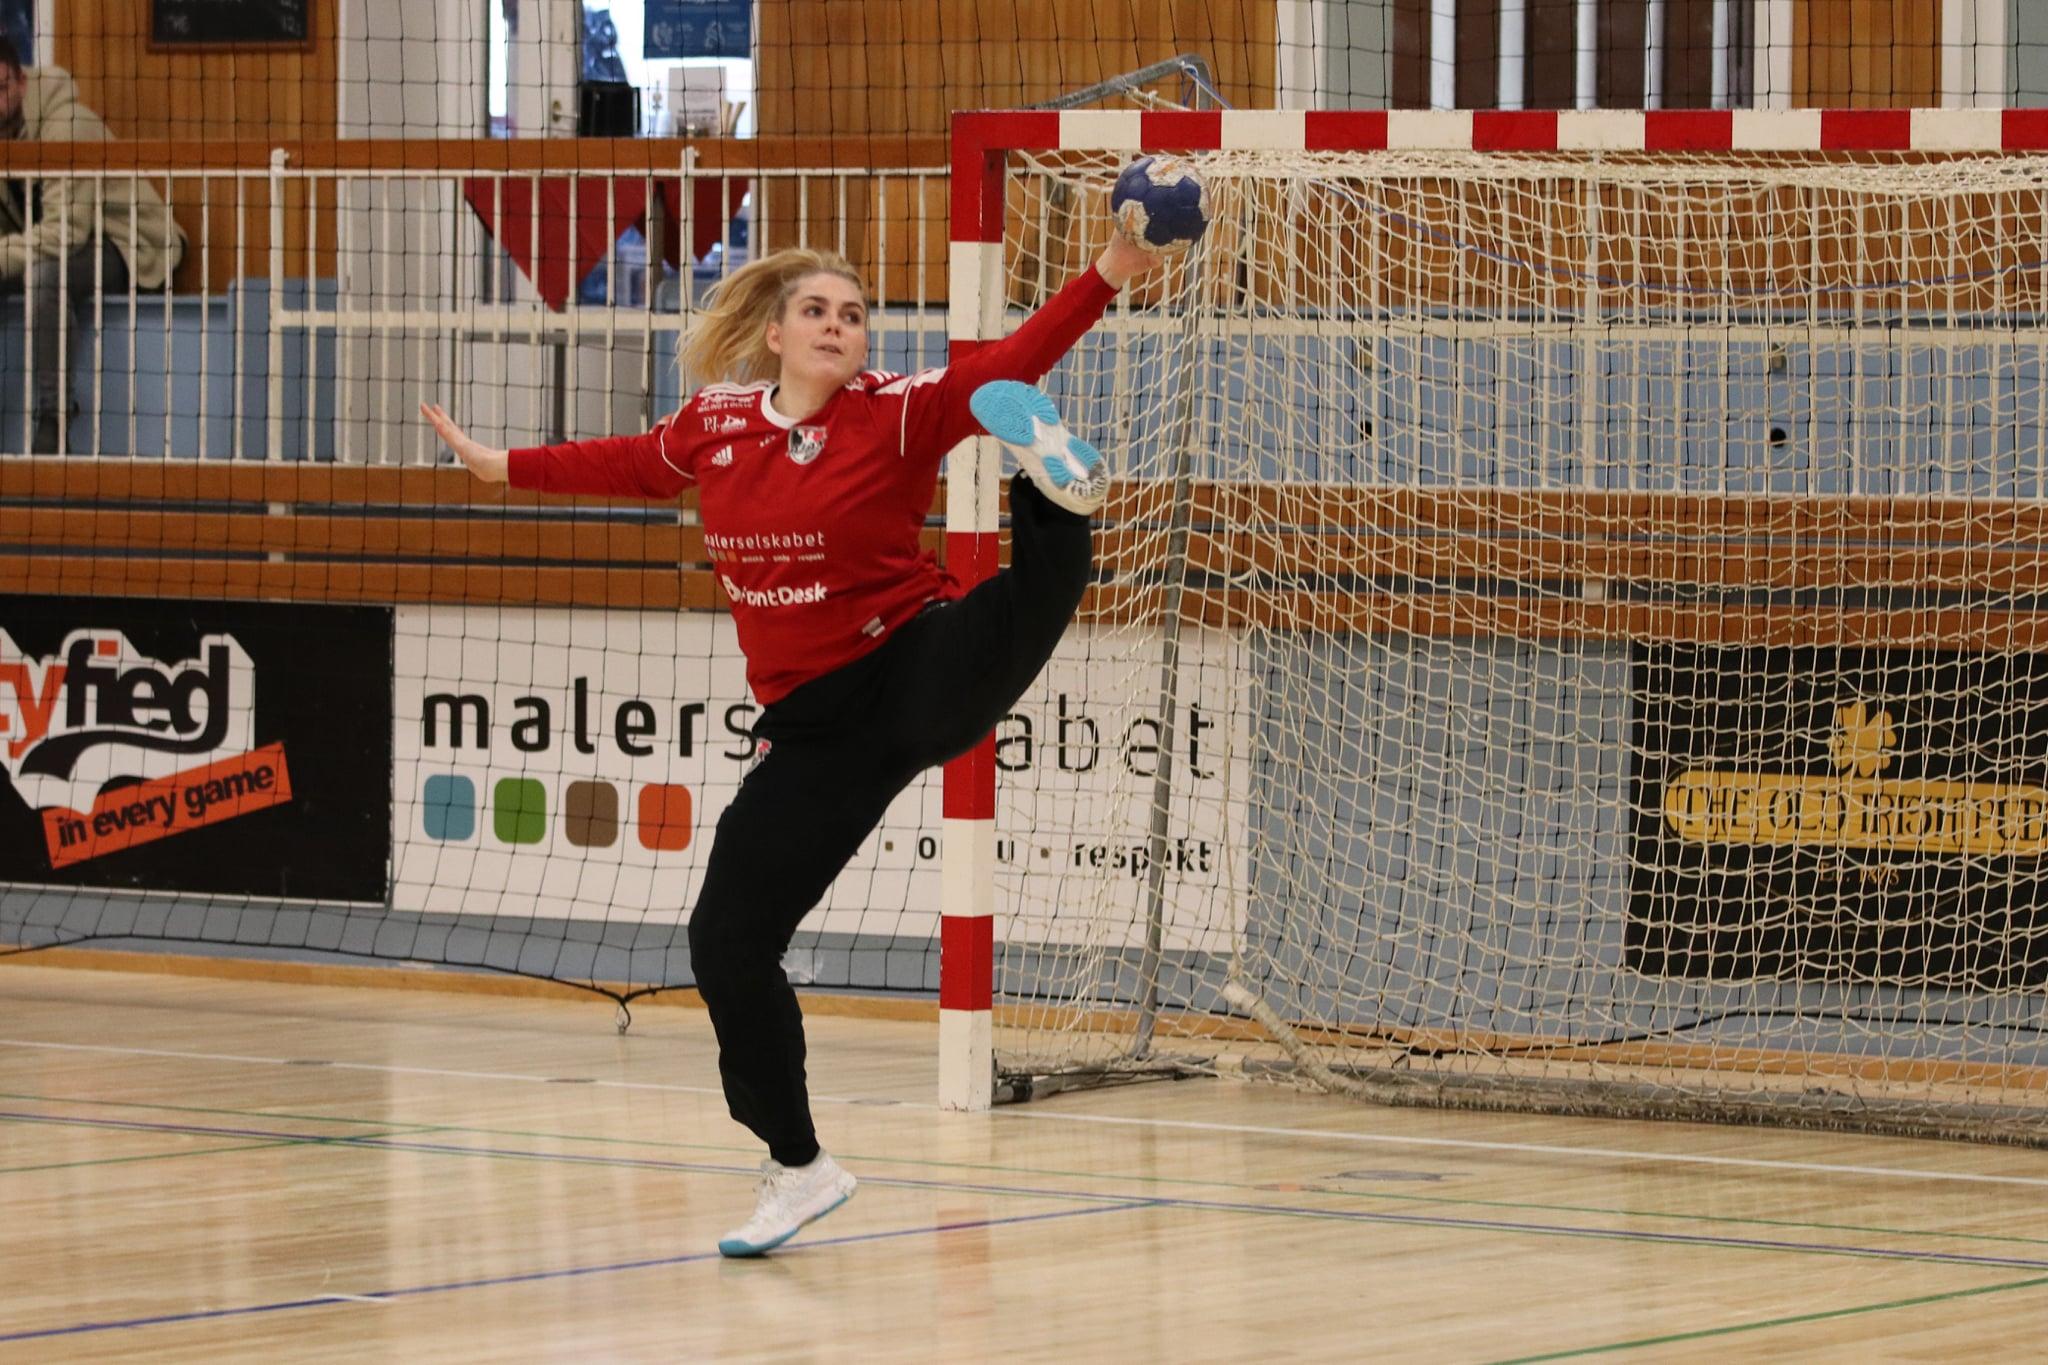 Sarah Nørklit Lønborg (af Christian Grundtvig)